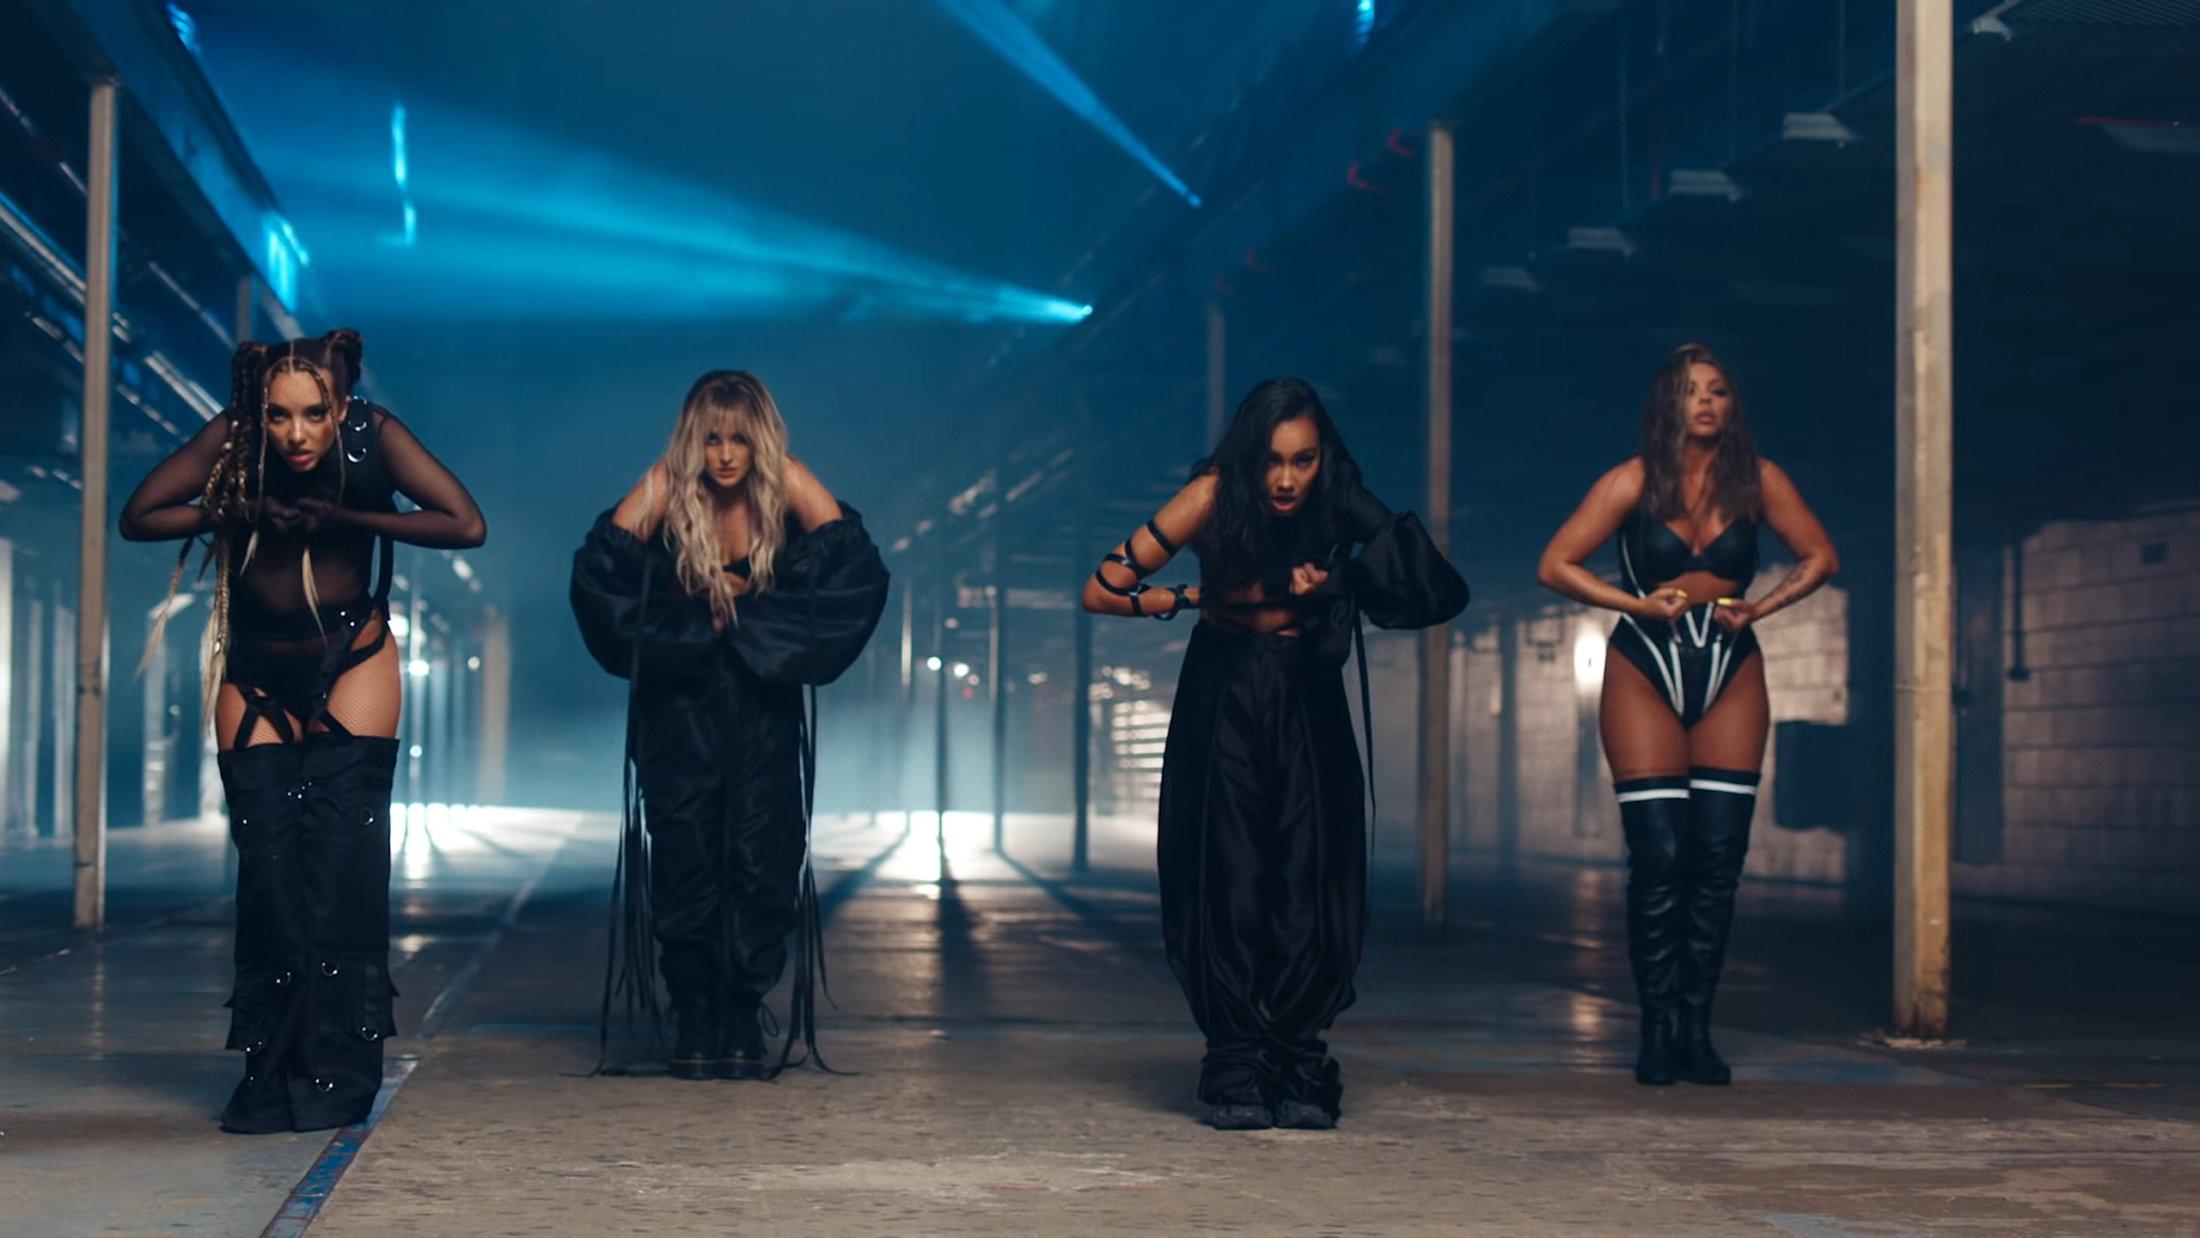 Little Mix - Sweet Melody (Official Video) 0-59 Screenshot